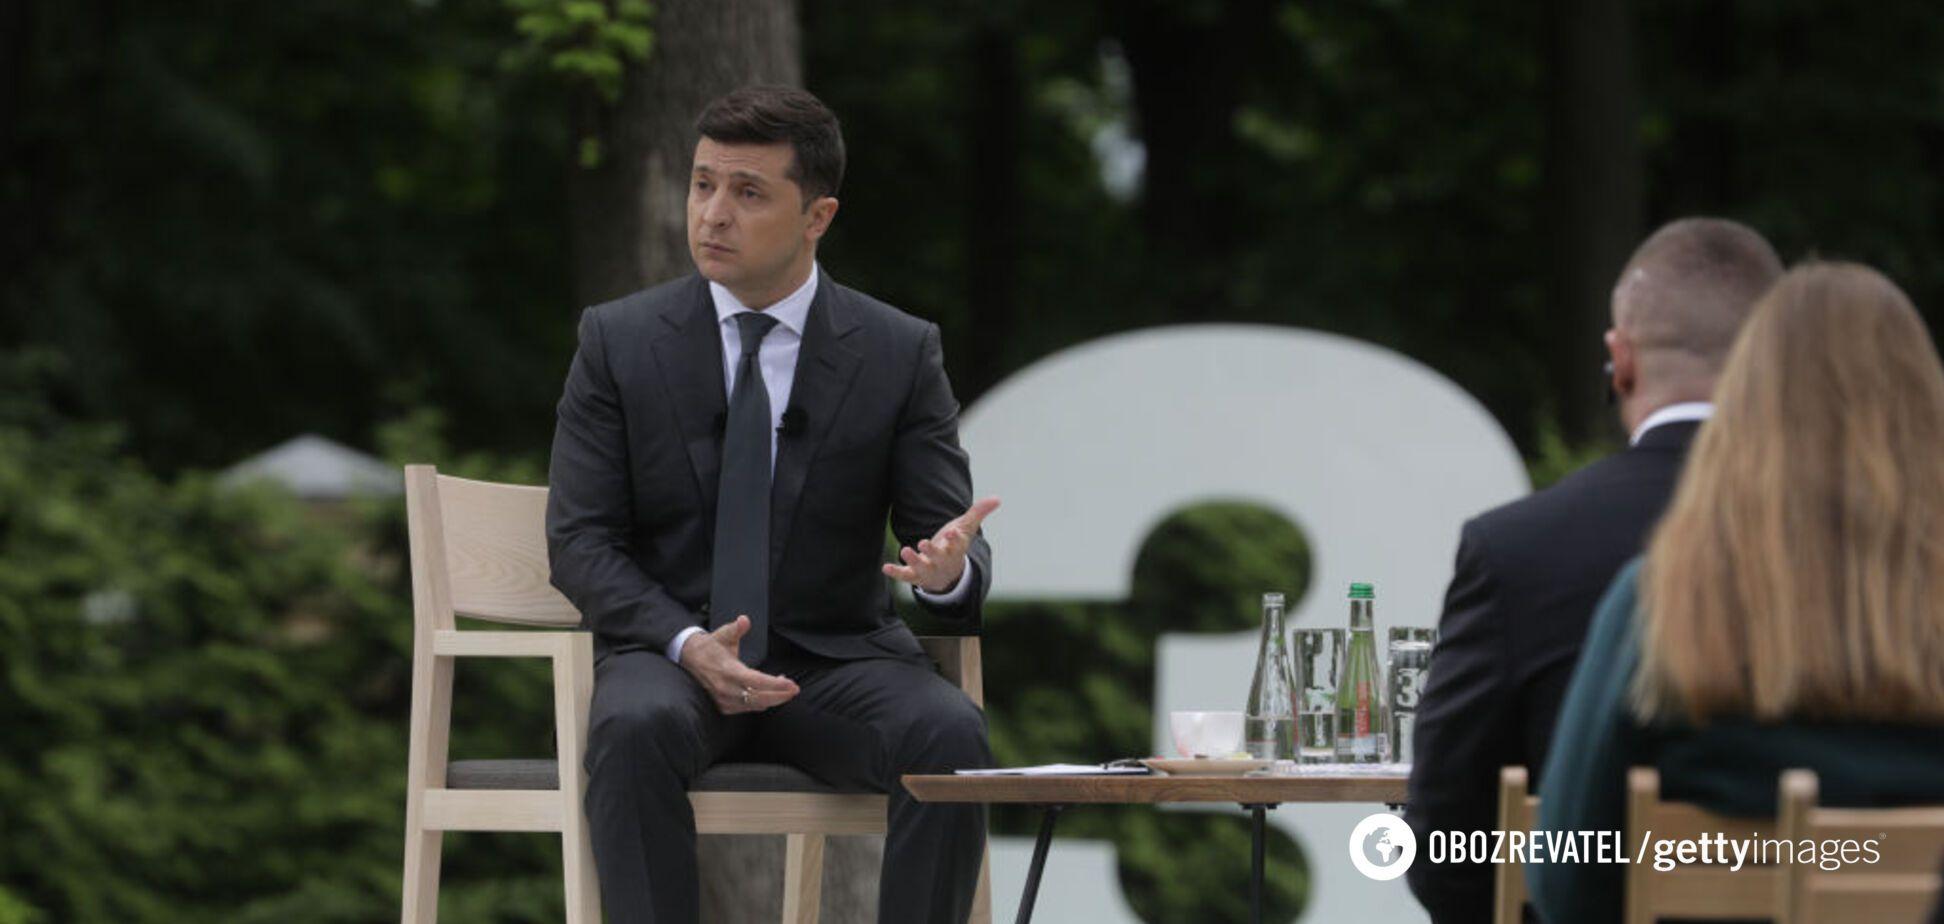 Зеленский высказался о языковом вопросе в Украине: квоты необходимо пересмотреть